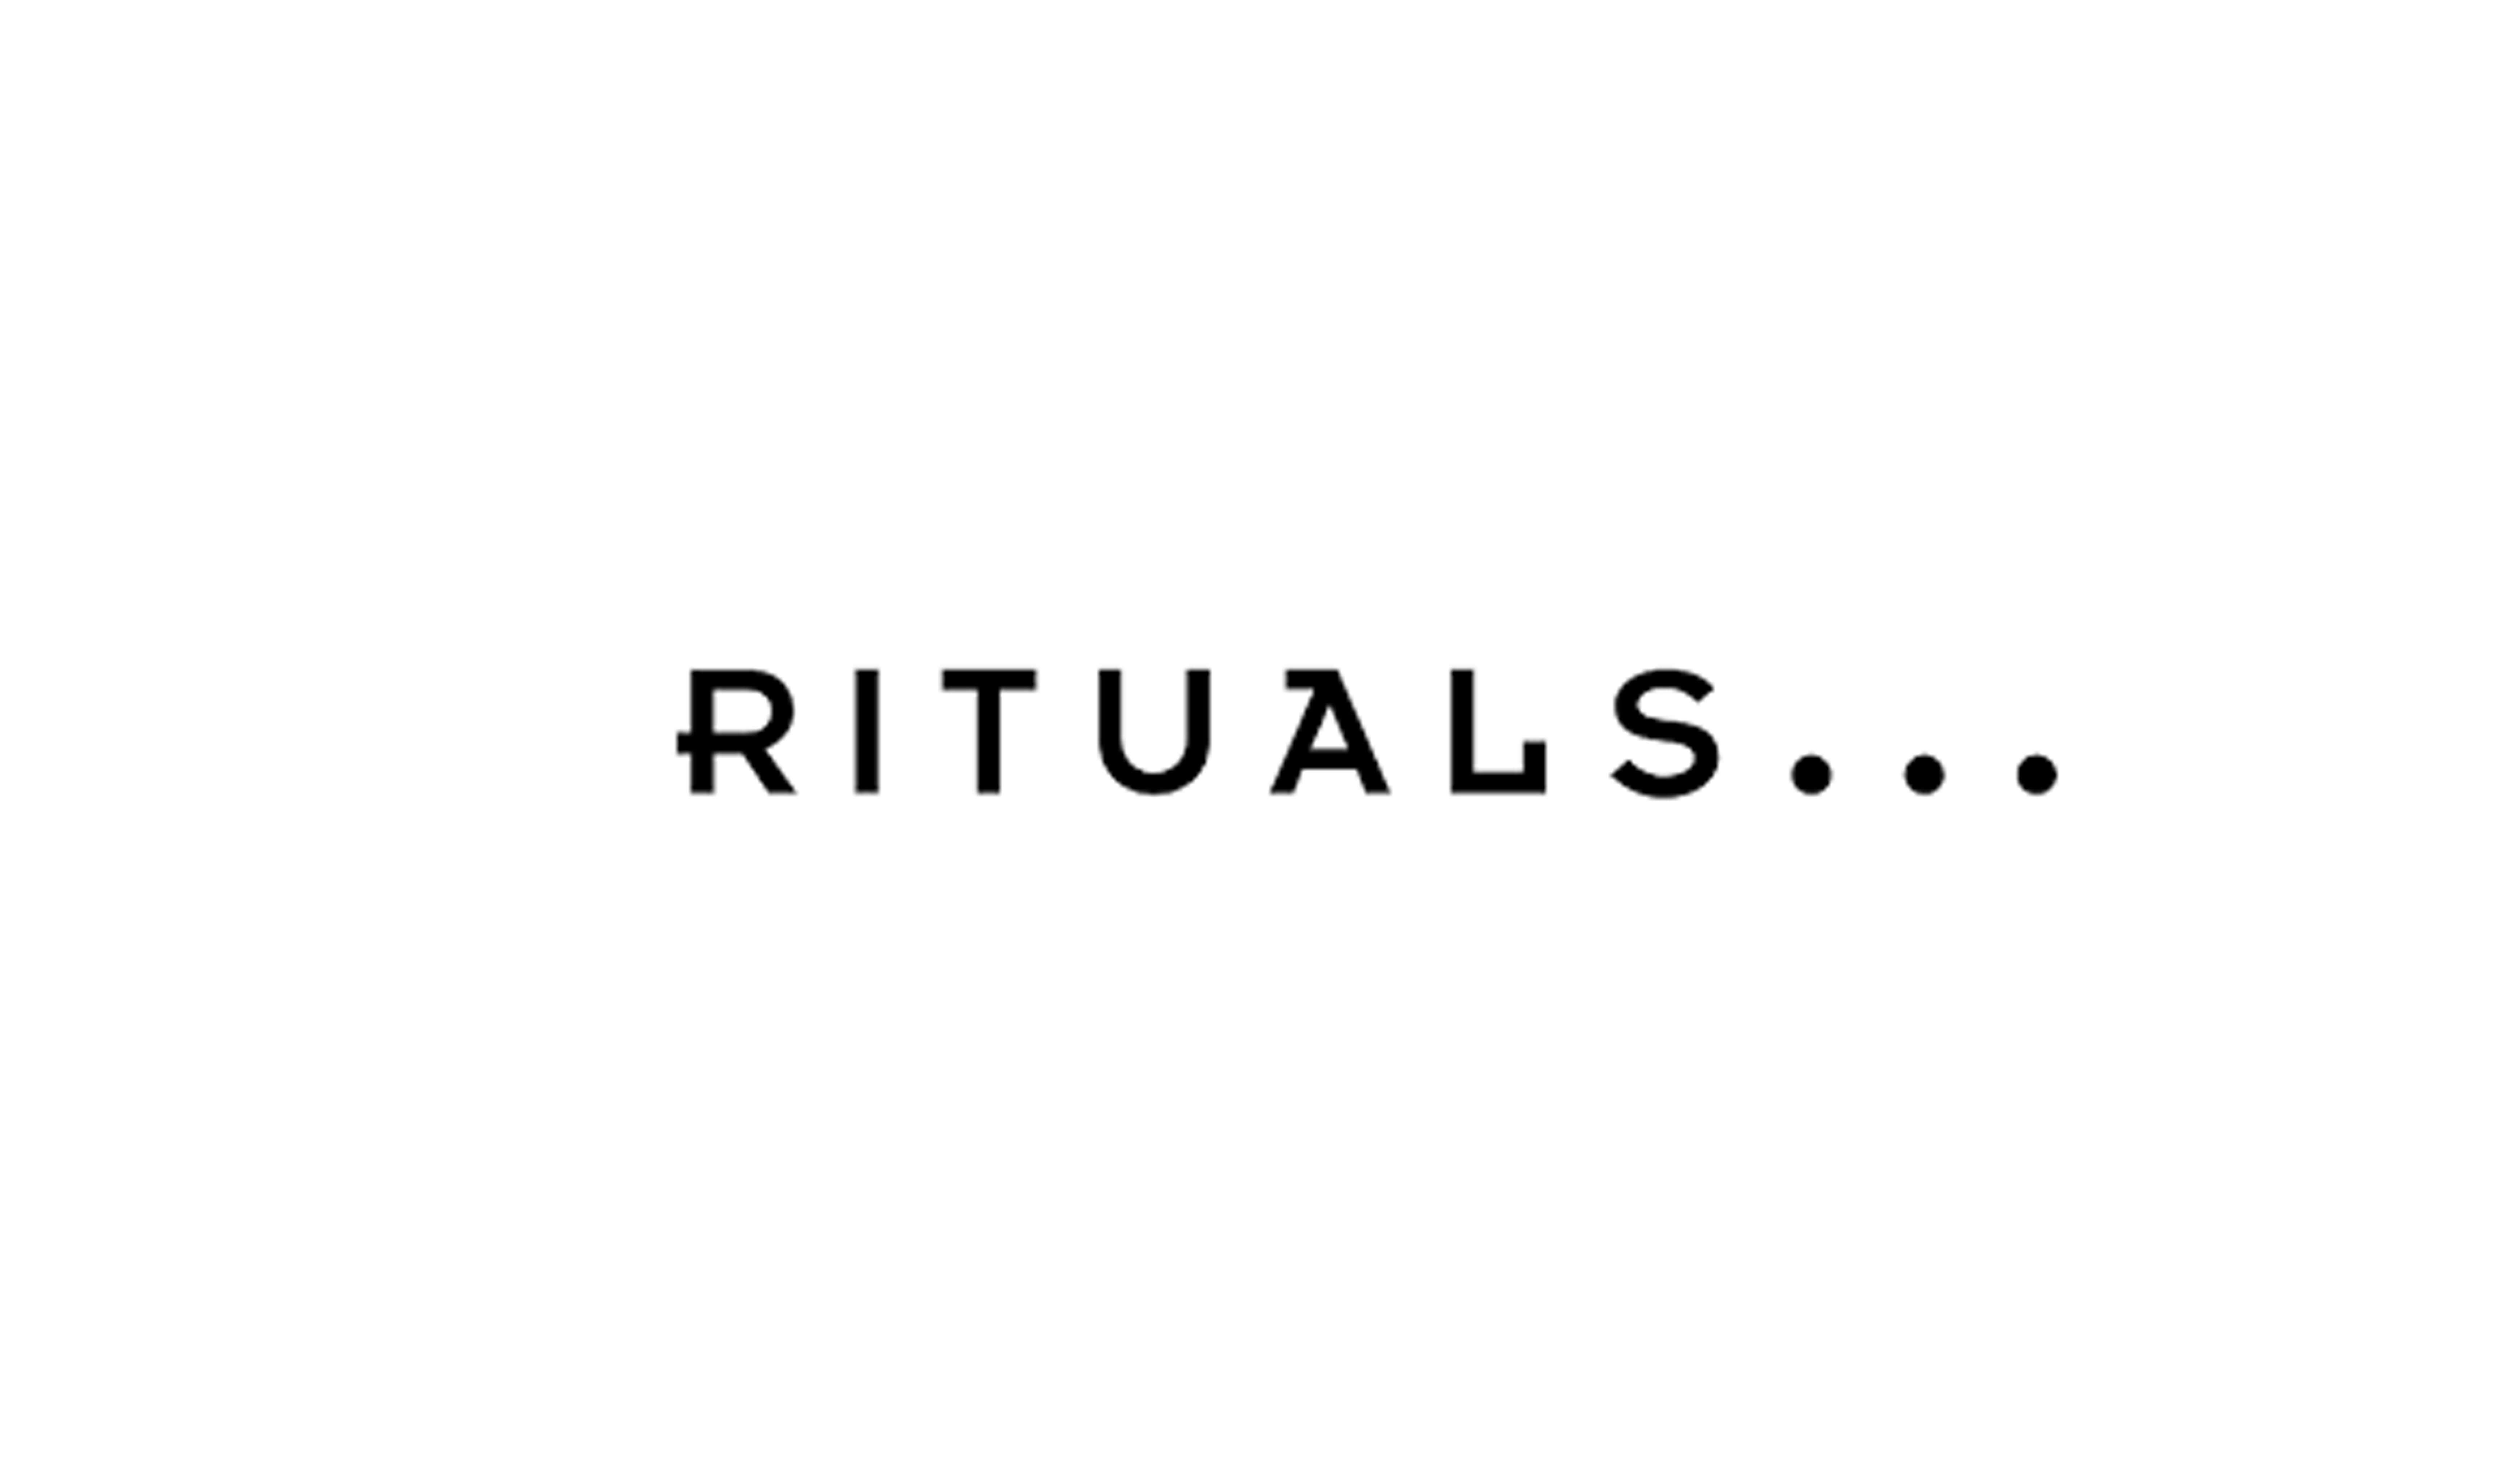 Darum lieben wir <br> RITUALS...